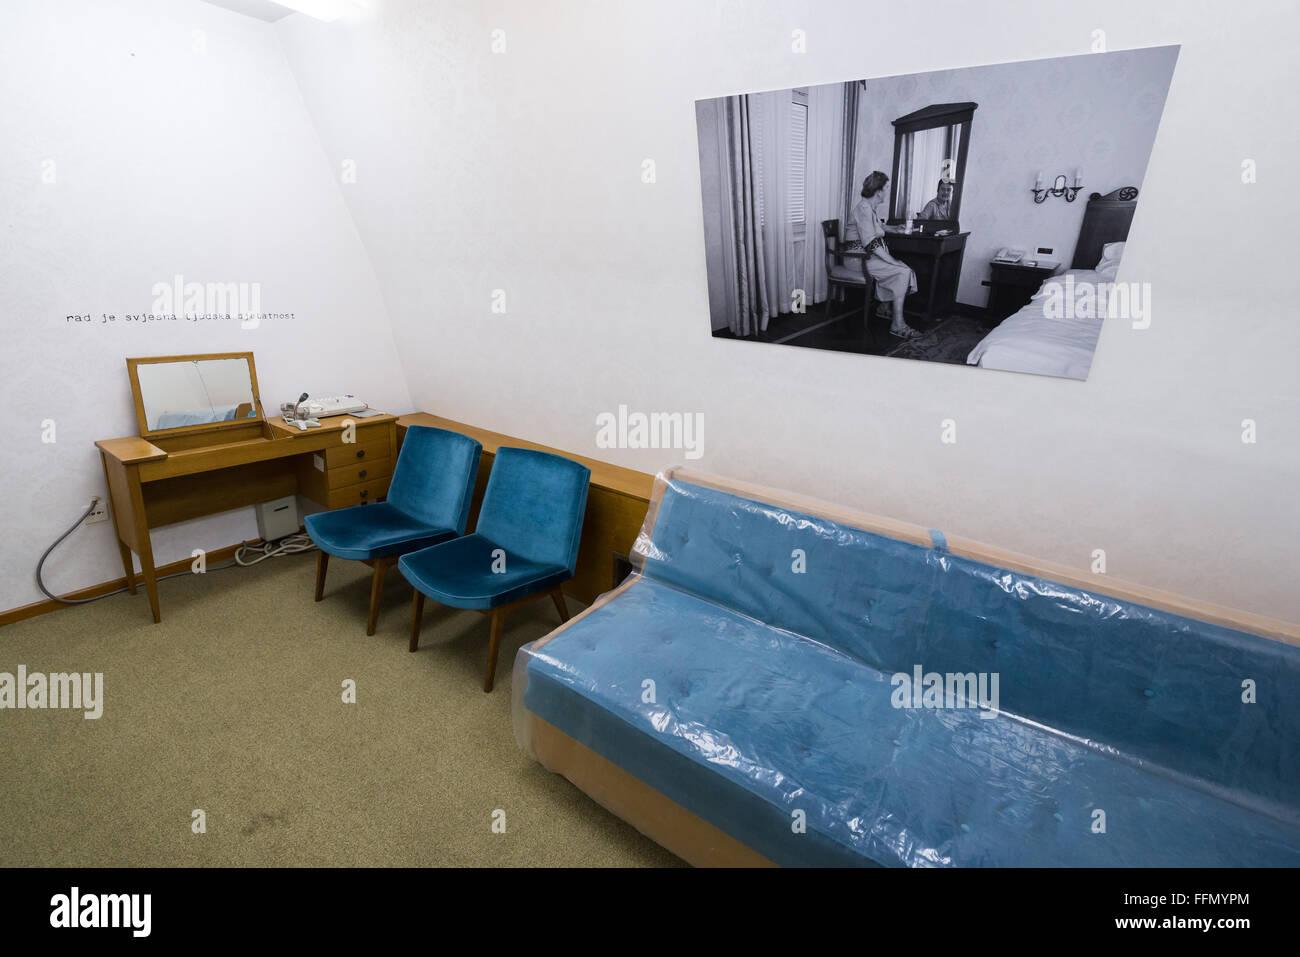 Room of First Lady of Yugoslavia Jovanka Broz in Josip Tito bunker, leader of former Yugoslavia, Konjic, Bosnia Stock Photo